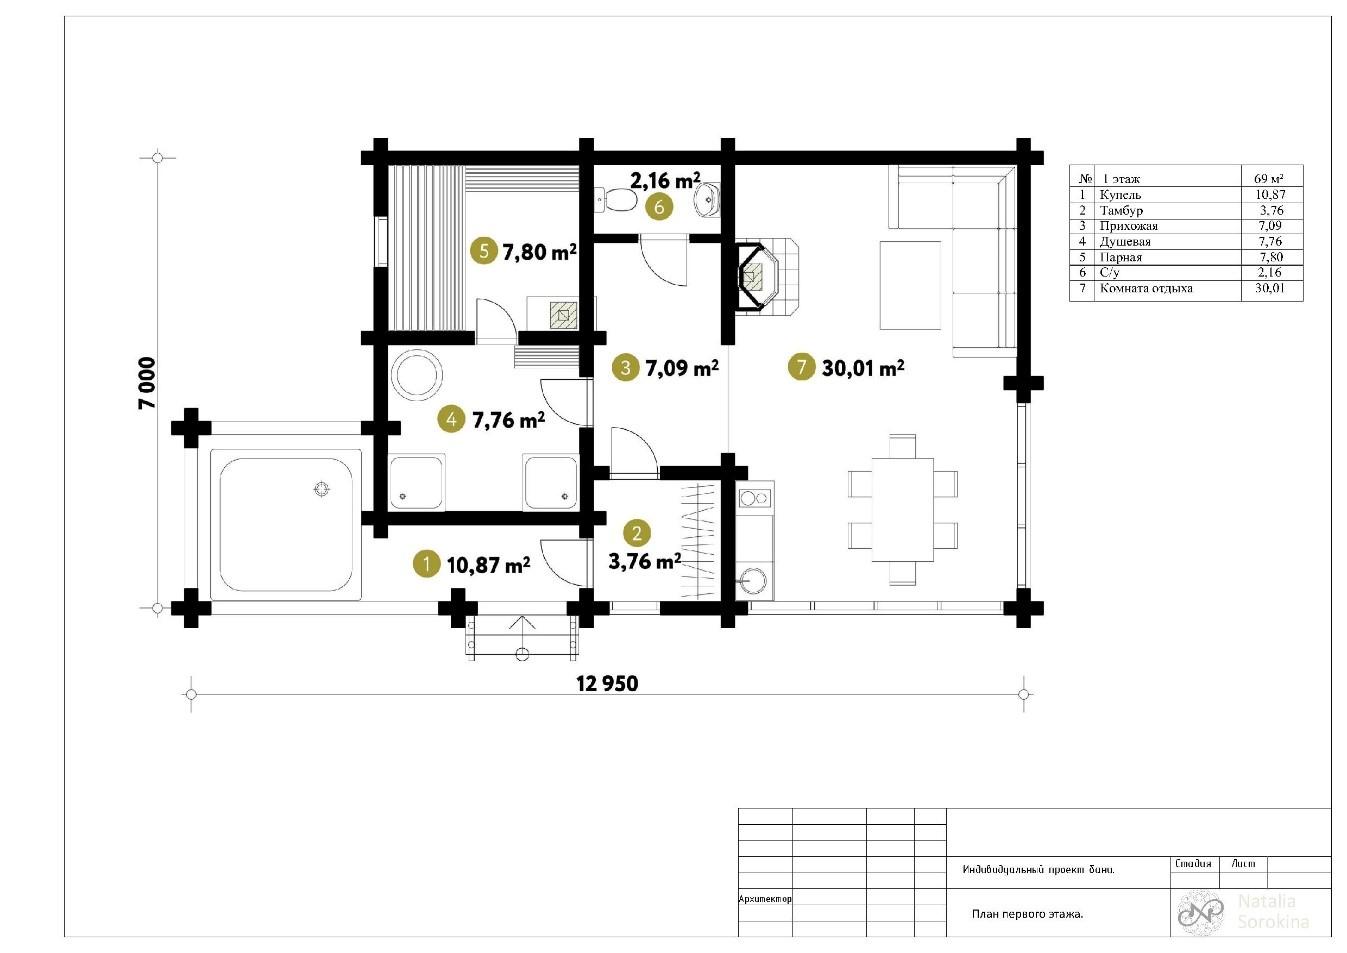 Desain Interior Rumah Terbuat Dari Kayu Veneer Laminasi Interior Rumah Terbuat Dari Kayu Veneer Laminasi